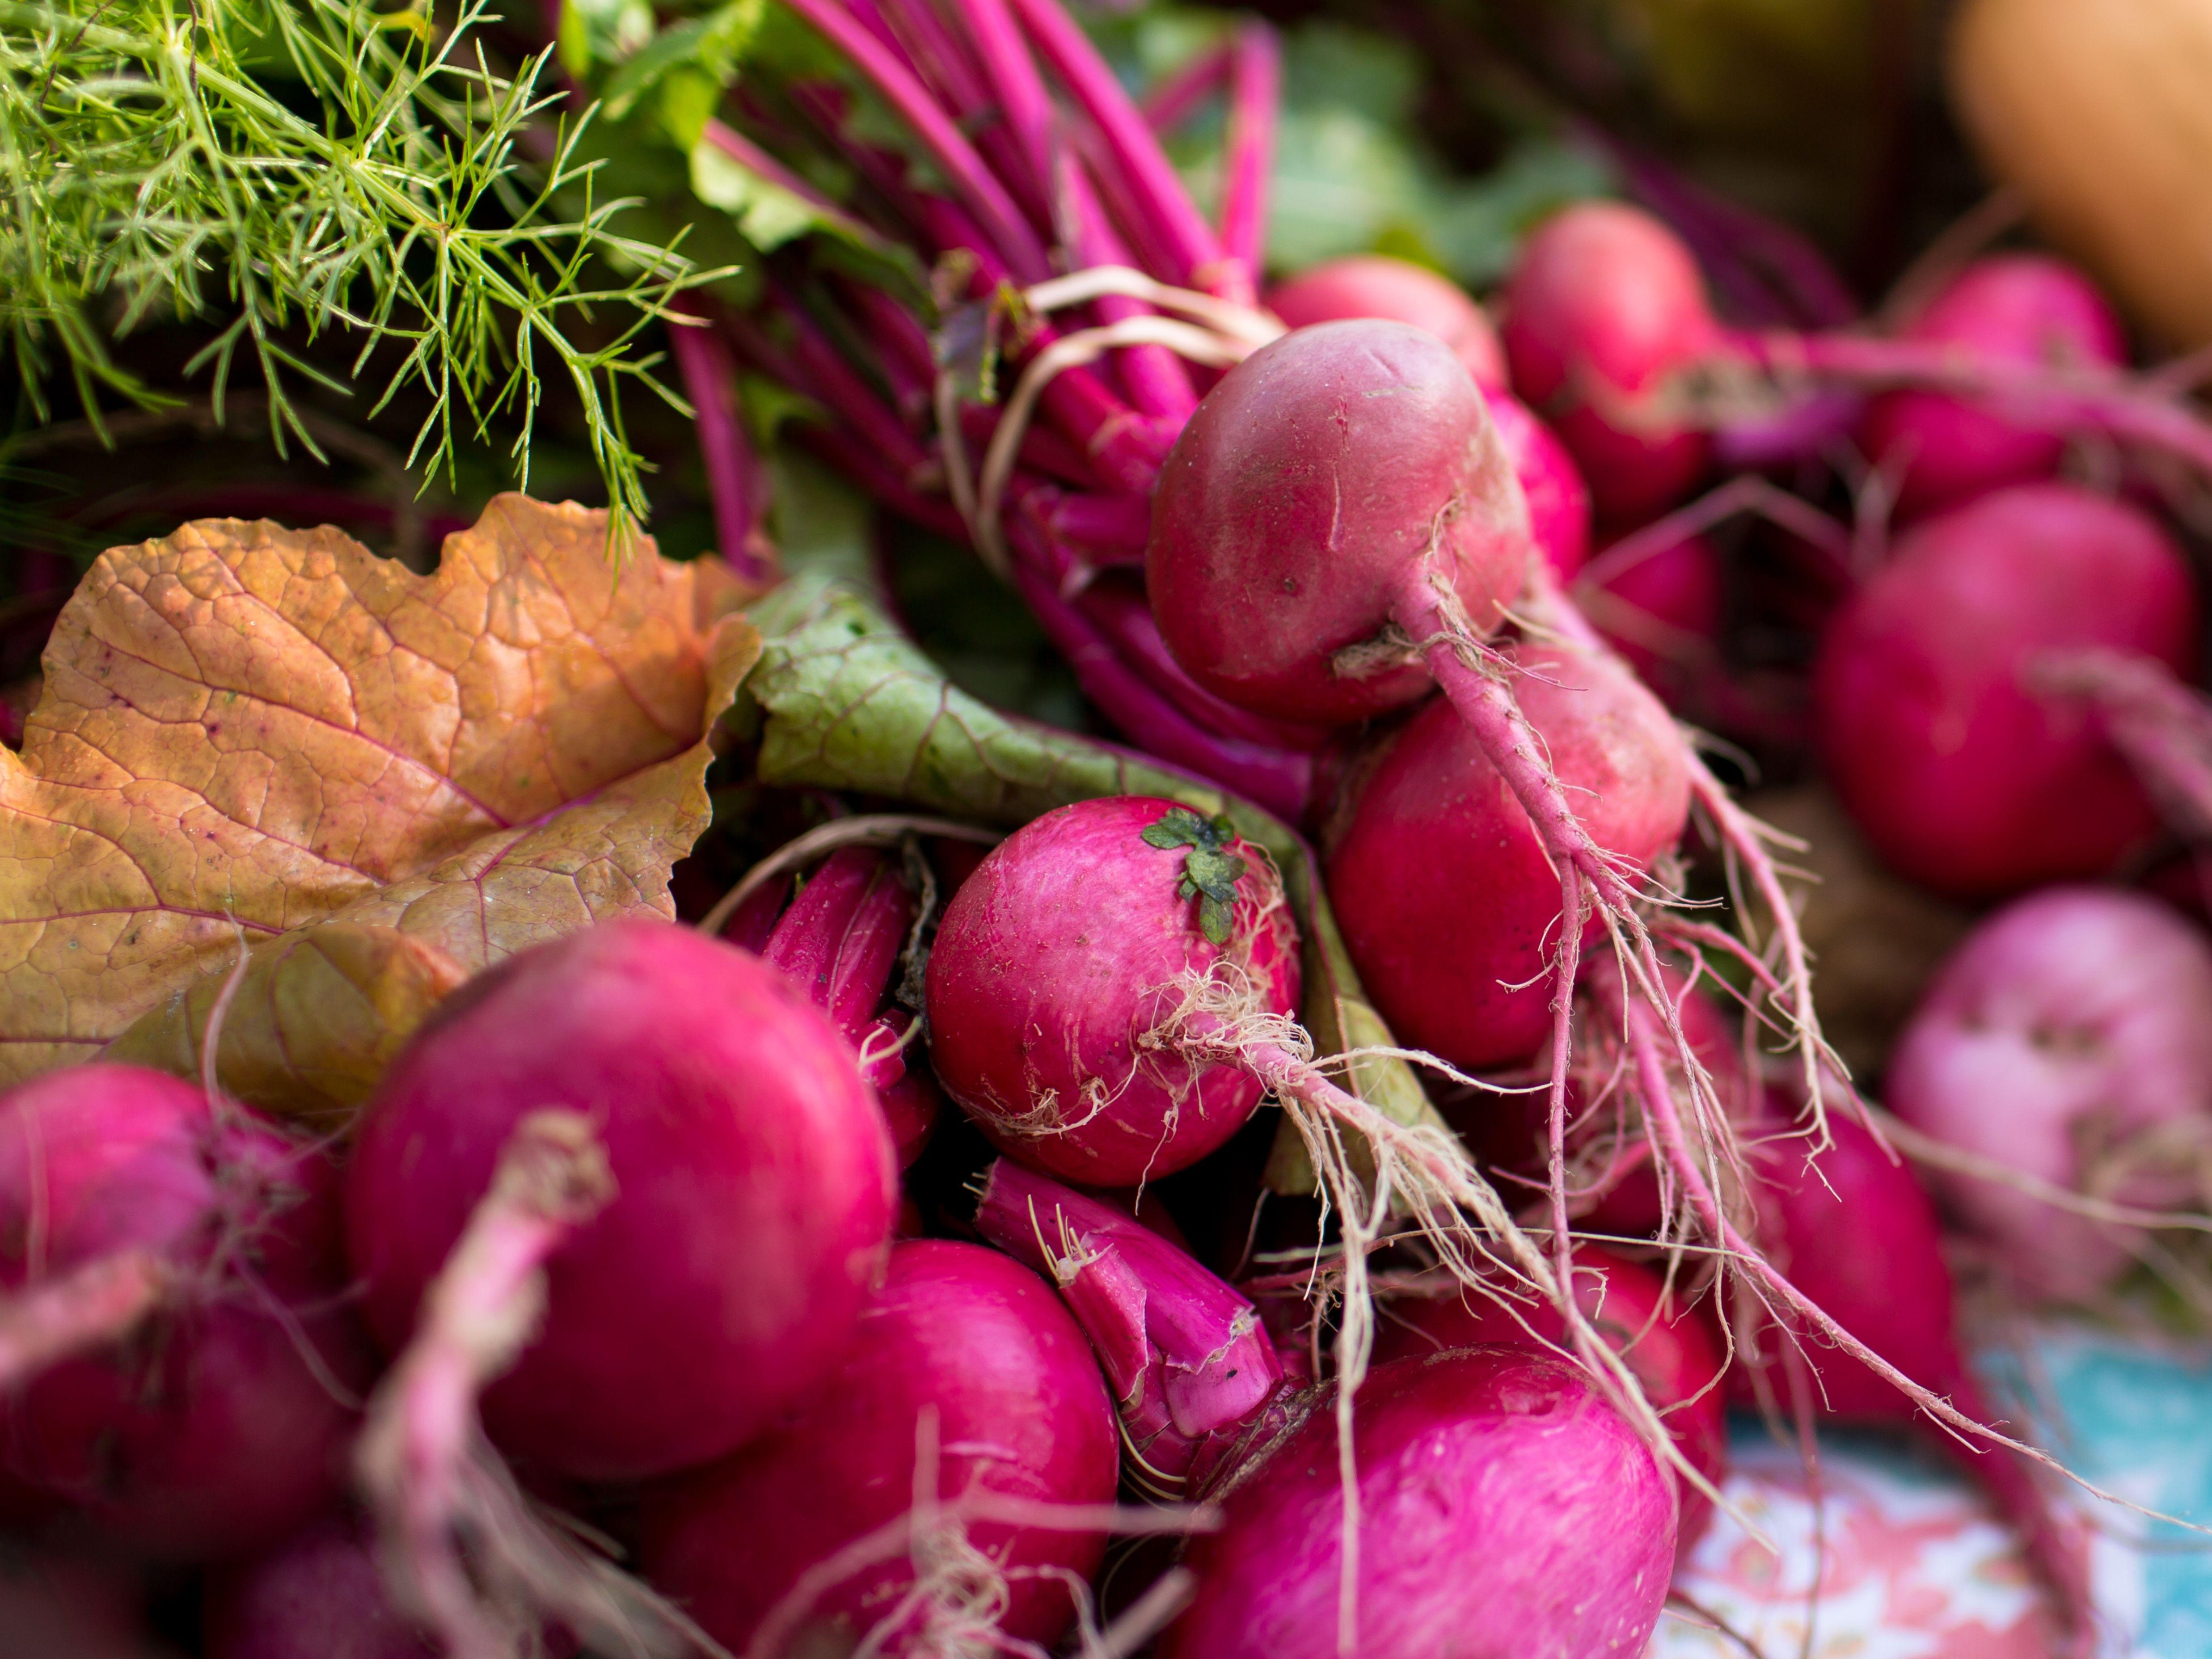 Veggies bradenton farmers market qavmno